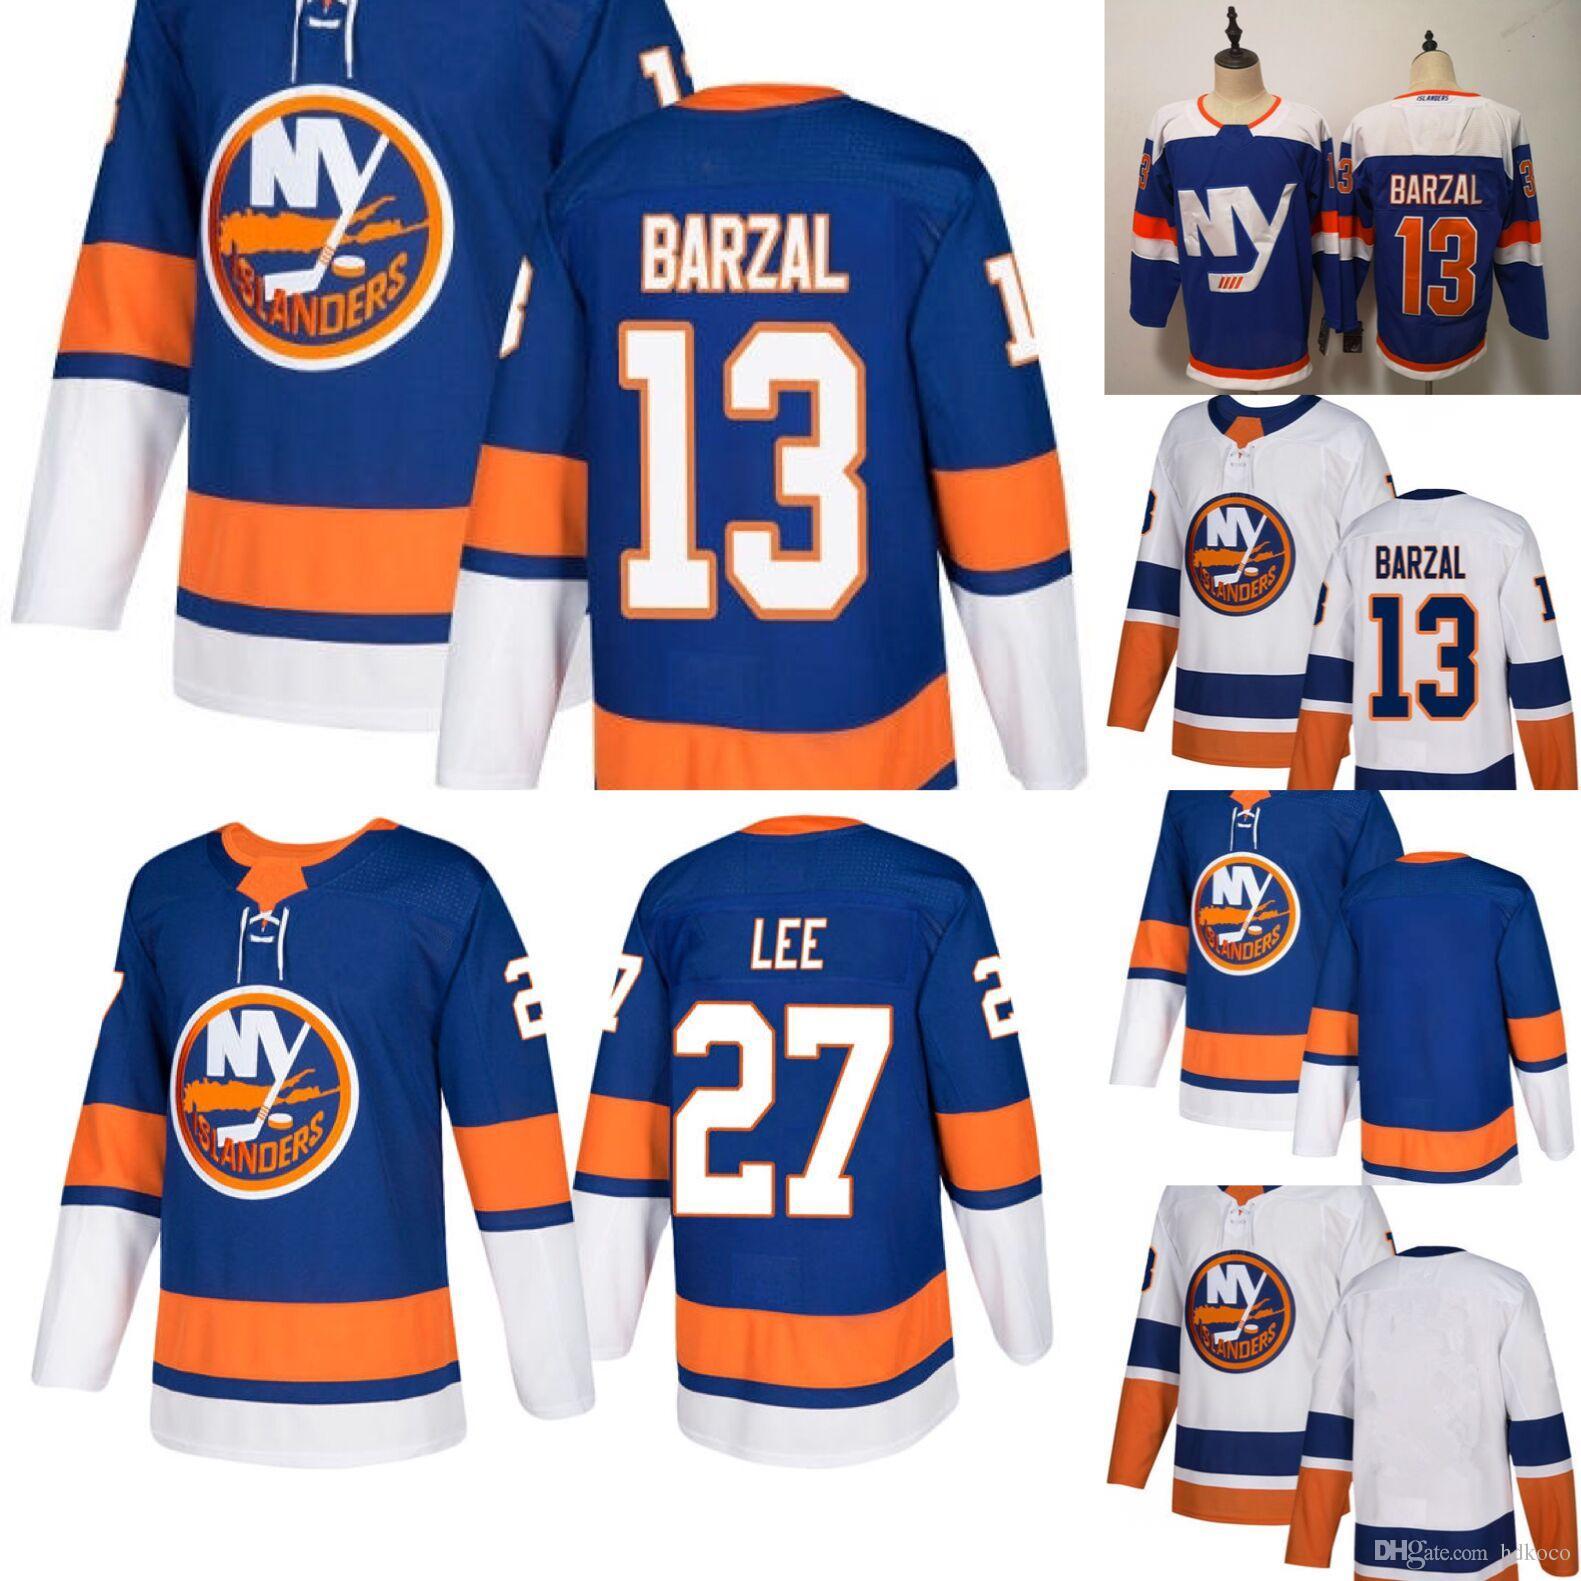 New York Mathew Josh Stanley Cup 2019 Little Kids Long Sleeve Toddler T-Shirt